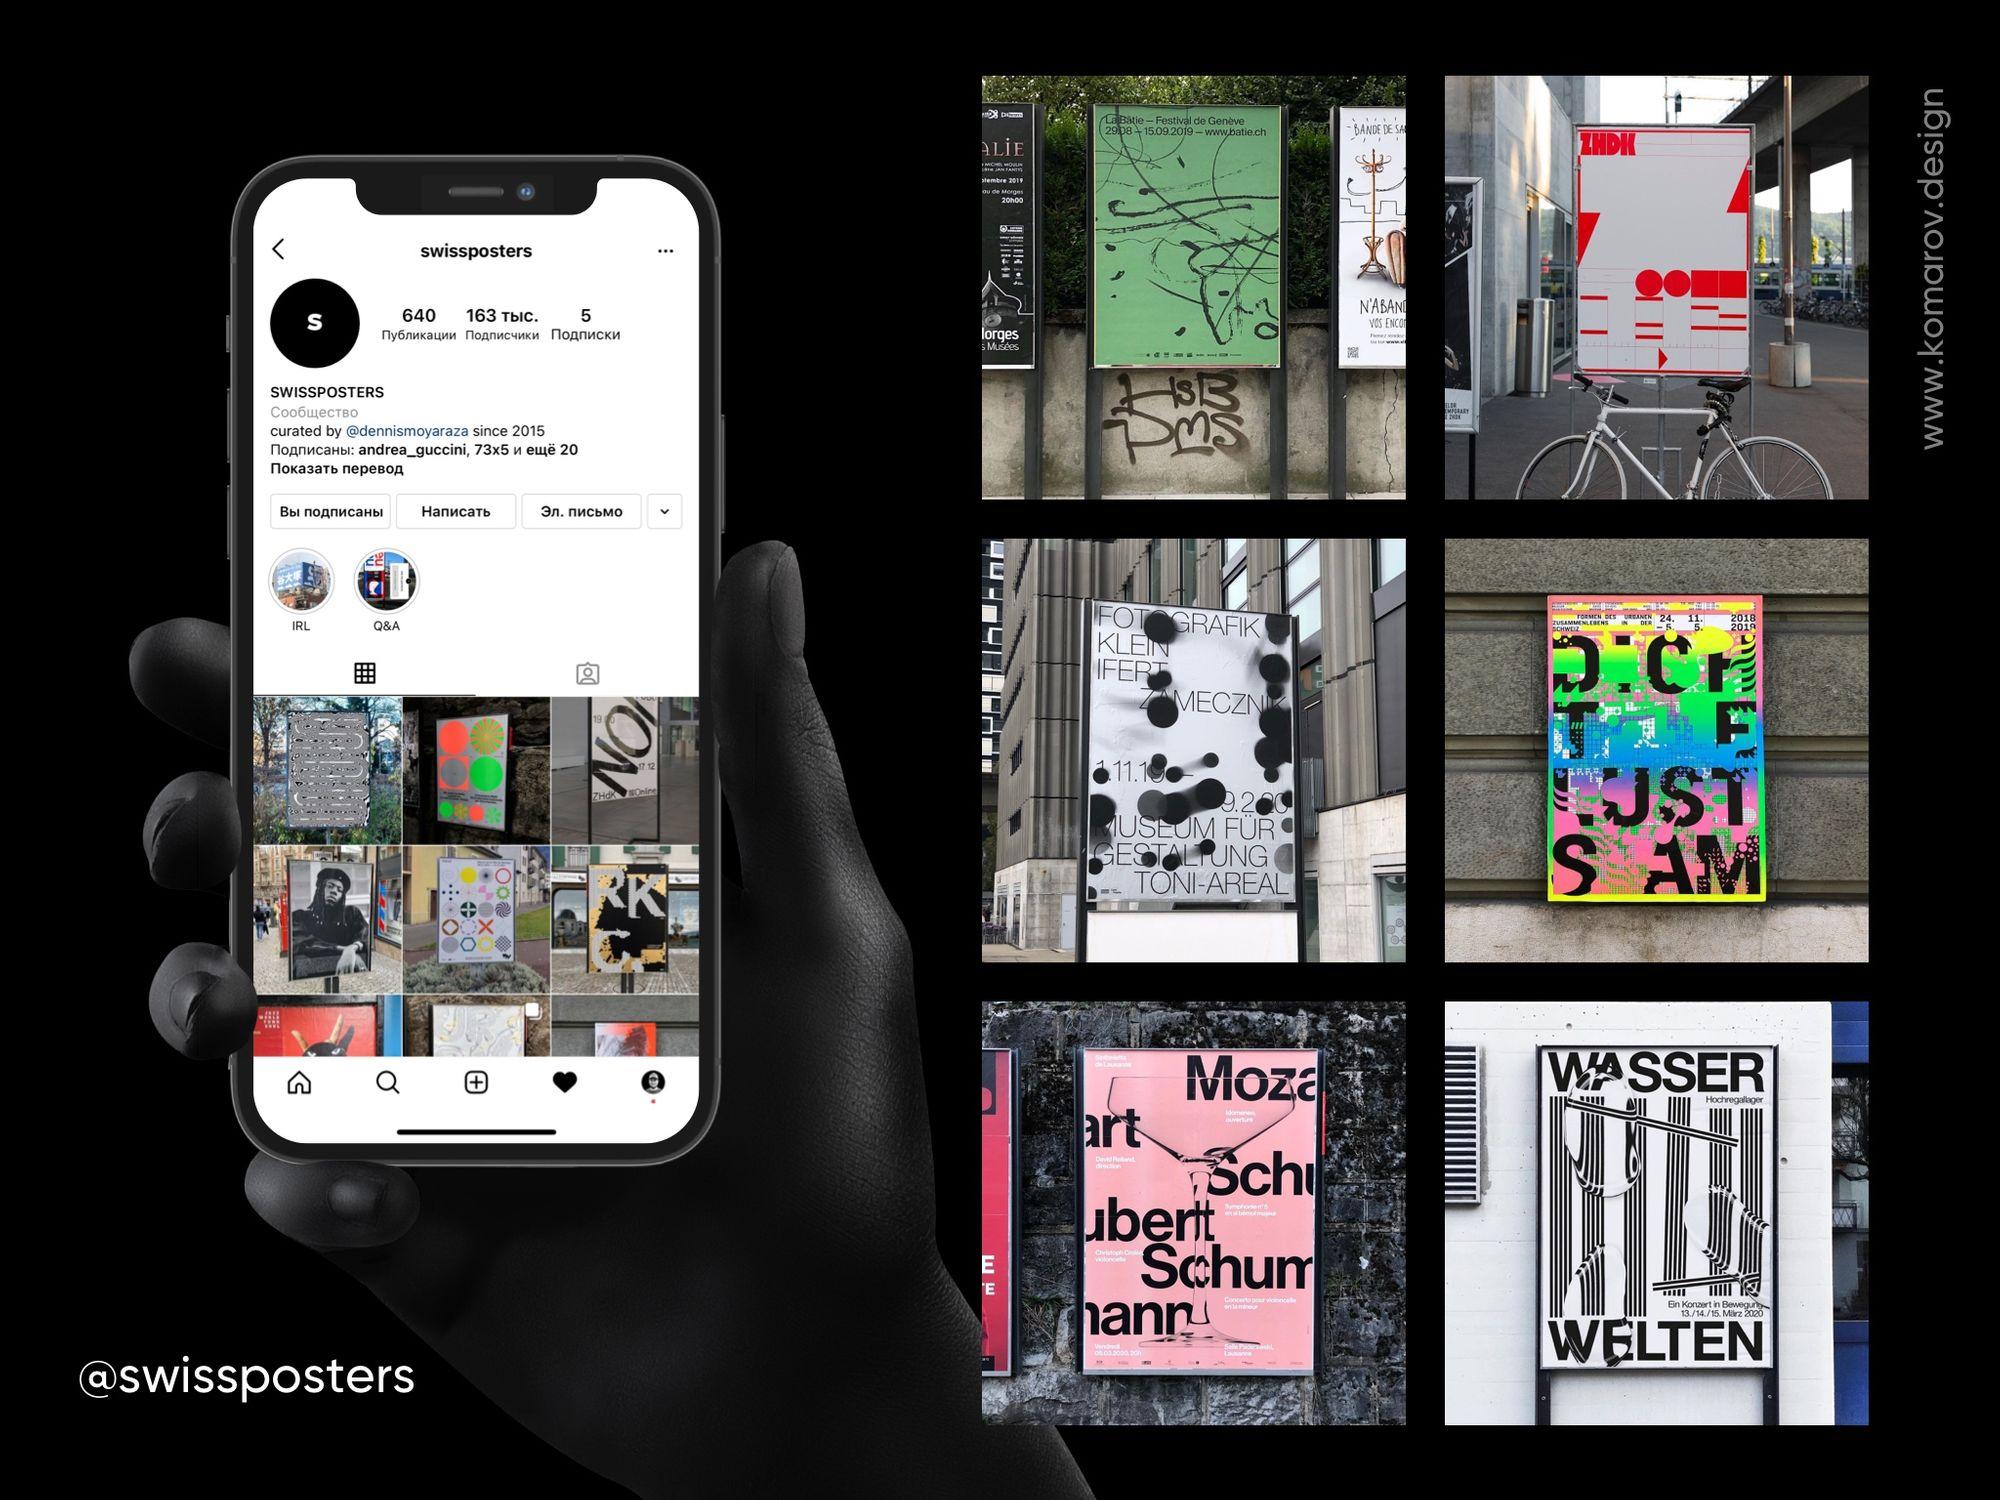 Инстаграм-аккаунт о швейцарском графическом дизайне и уличных плакатах